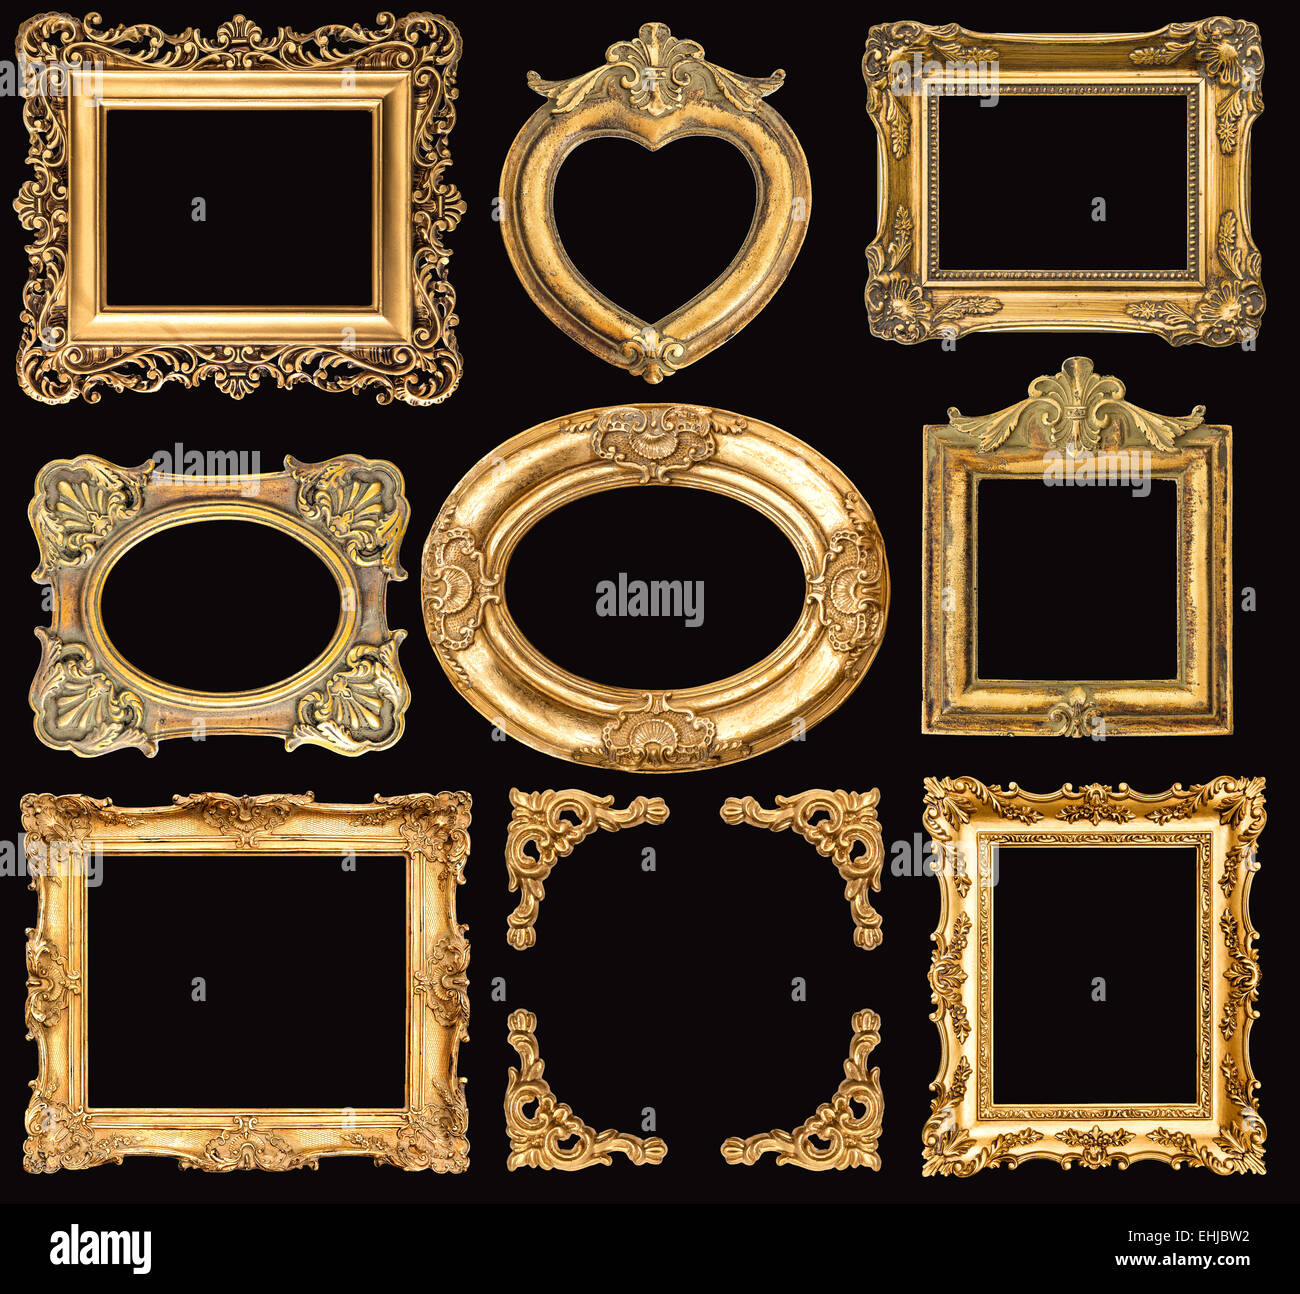 Satz von goldenen Rahmen auf schwarzem Hintergrund. Barock-Stil ...